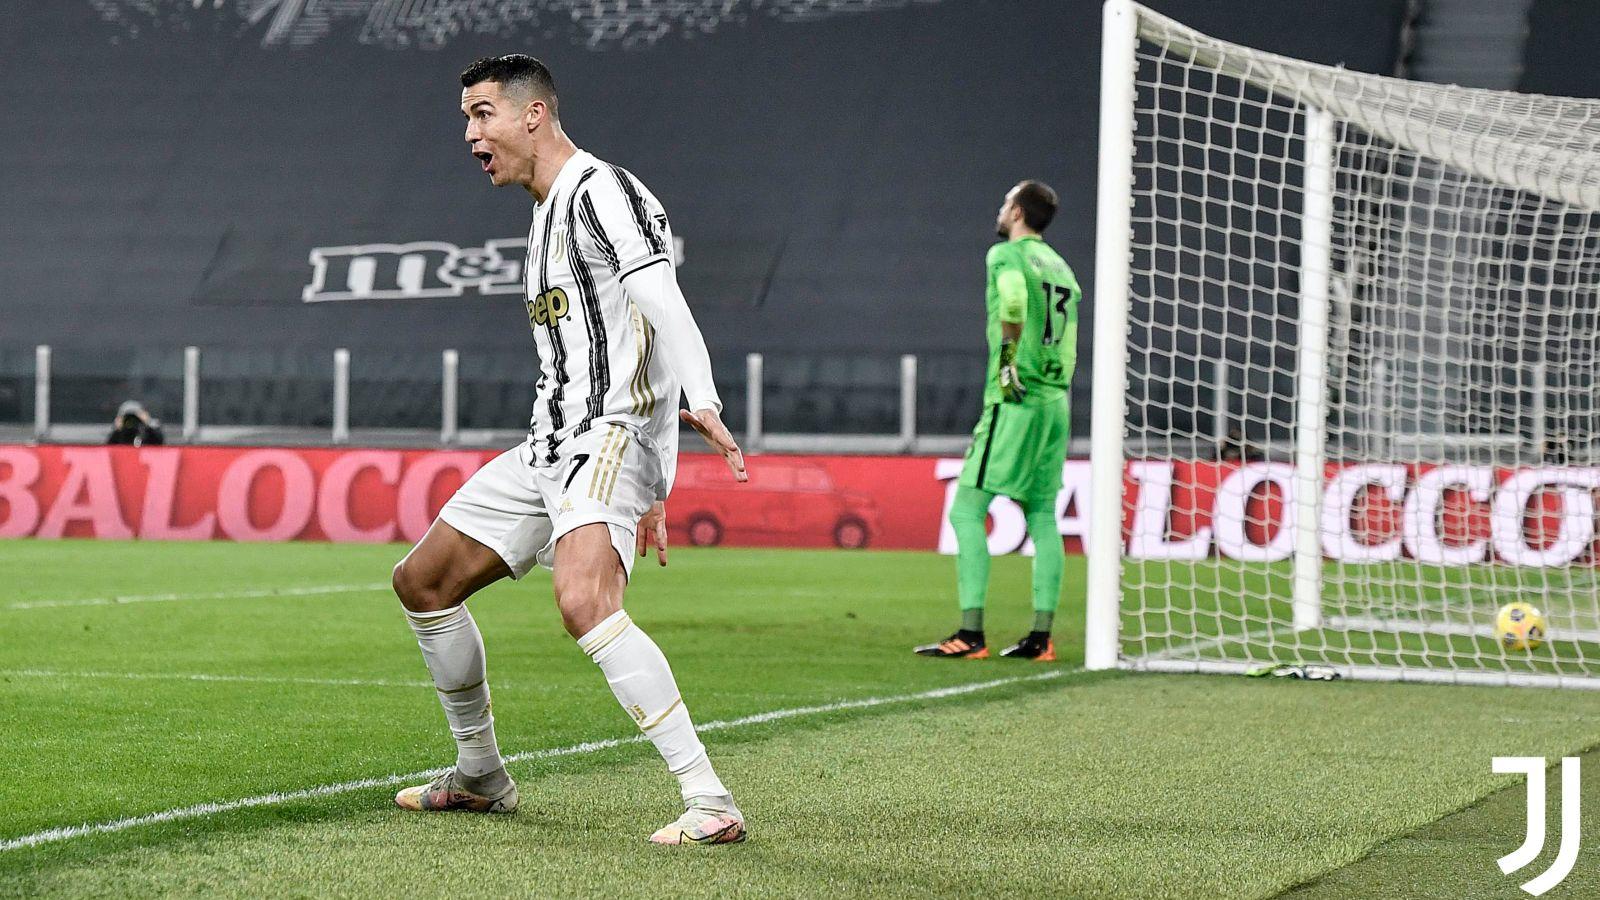 Ronaldo selebrasi dalam laga Juventus vs AS Roma. (foto: twitter.com/juventusfc)